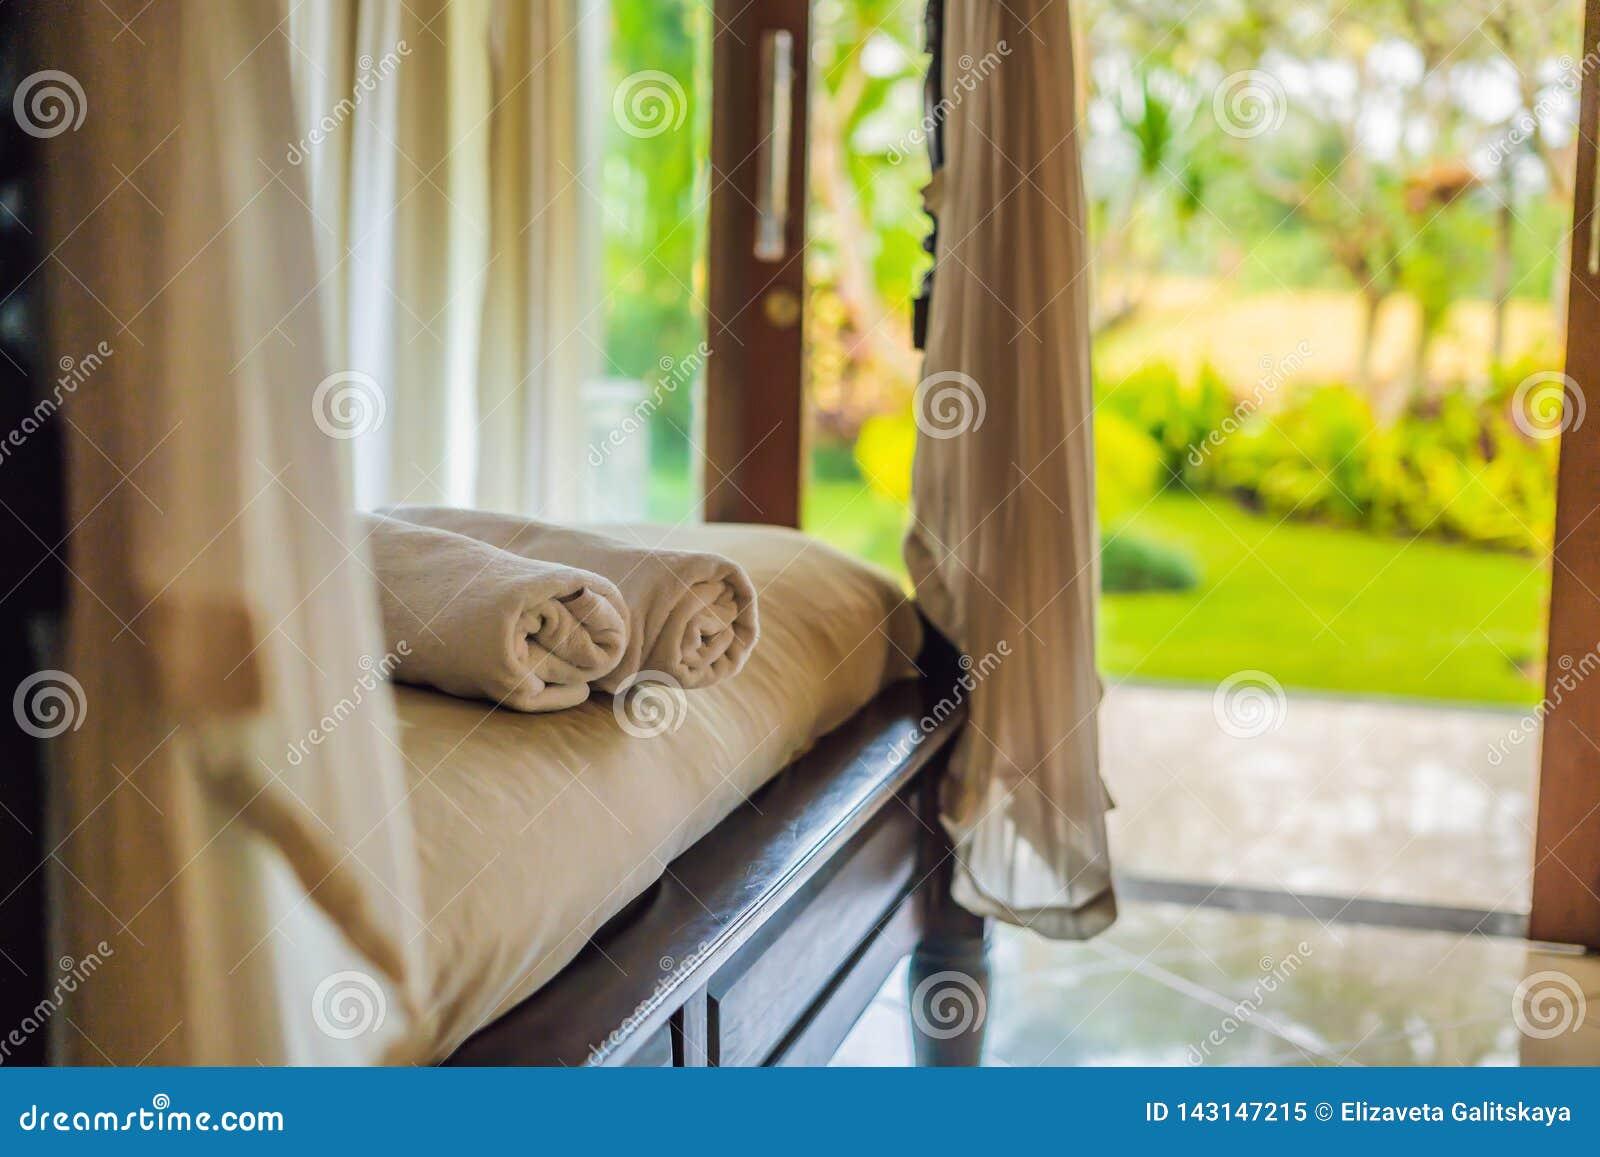 Sitio hermoso en el chalet, toalla en la cama